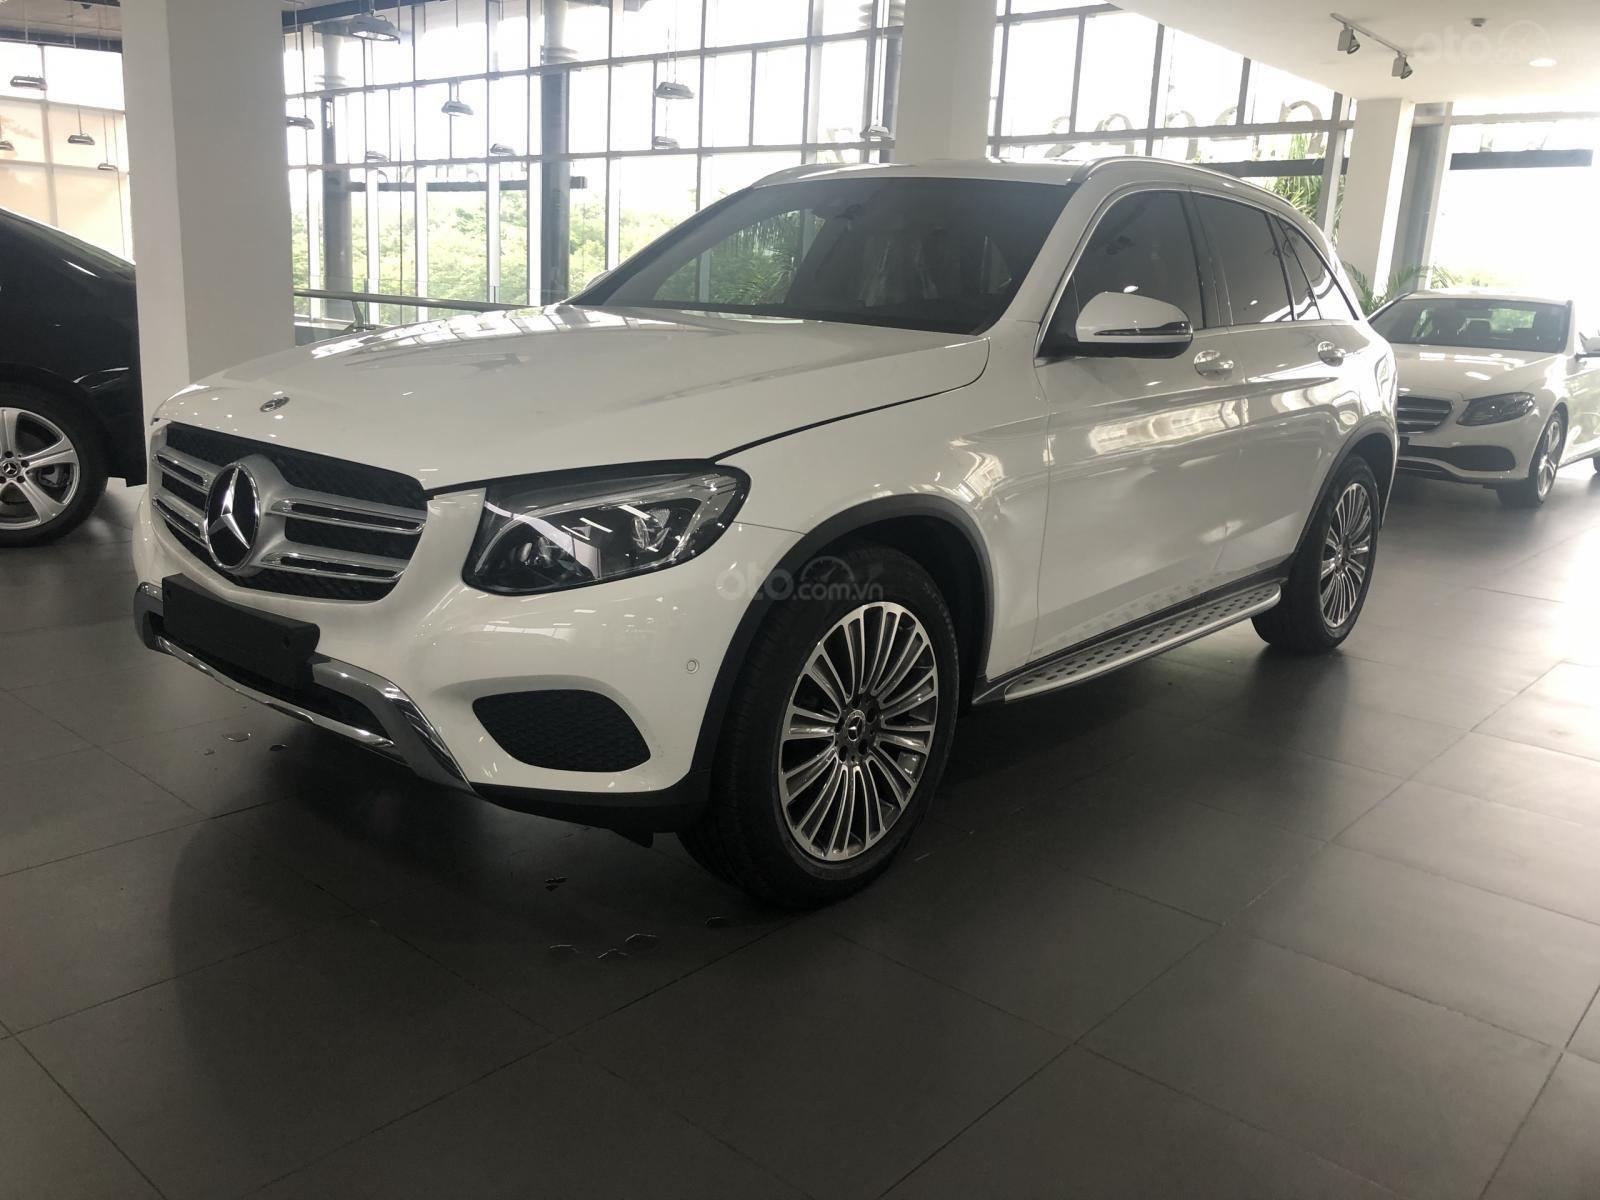 Bán Mercedes GLC250 2019 ưu đãi tốt xe giao ngay tại Mercedes Phú Mỹ Hưng (6)